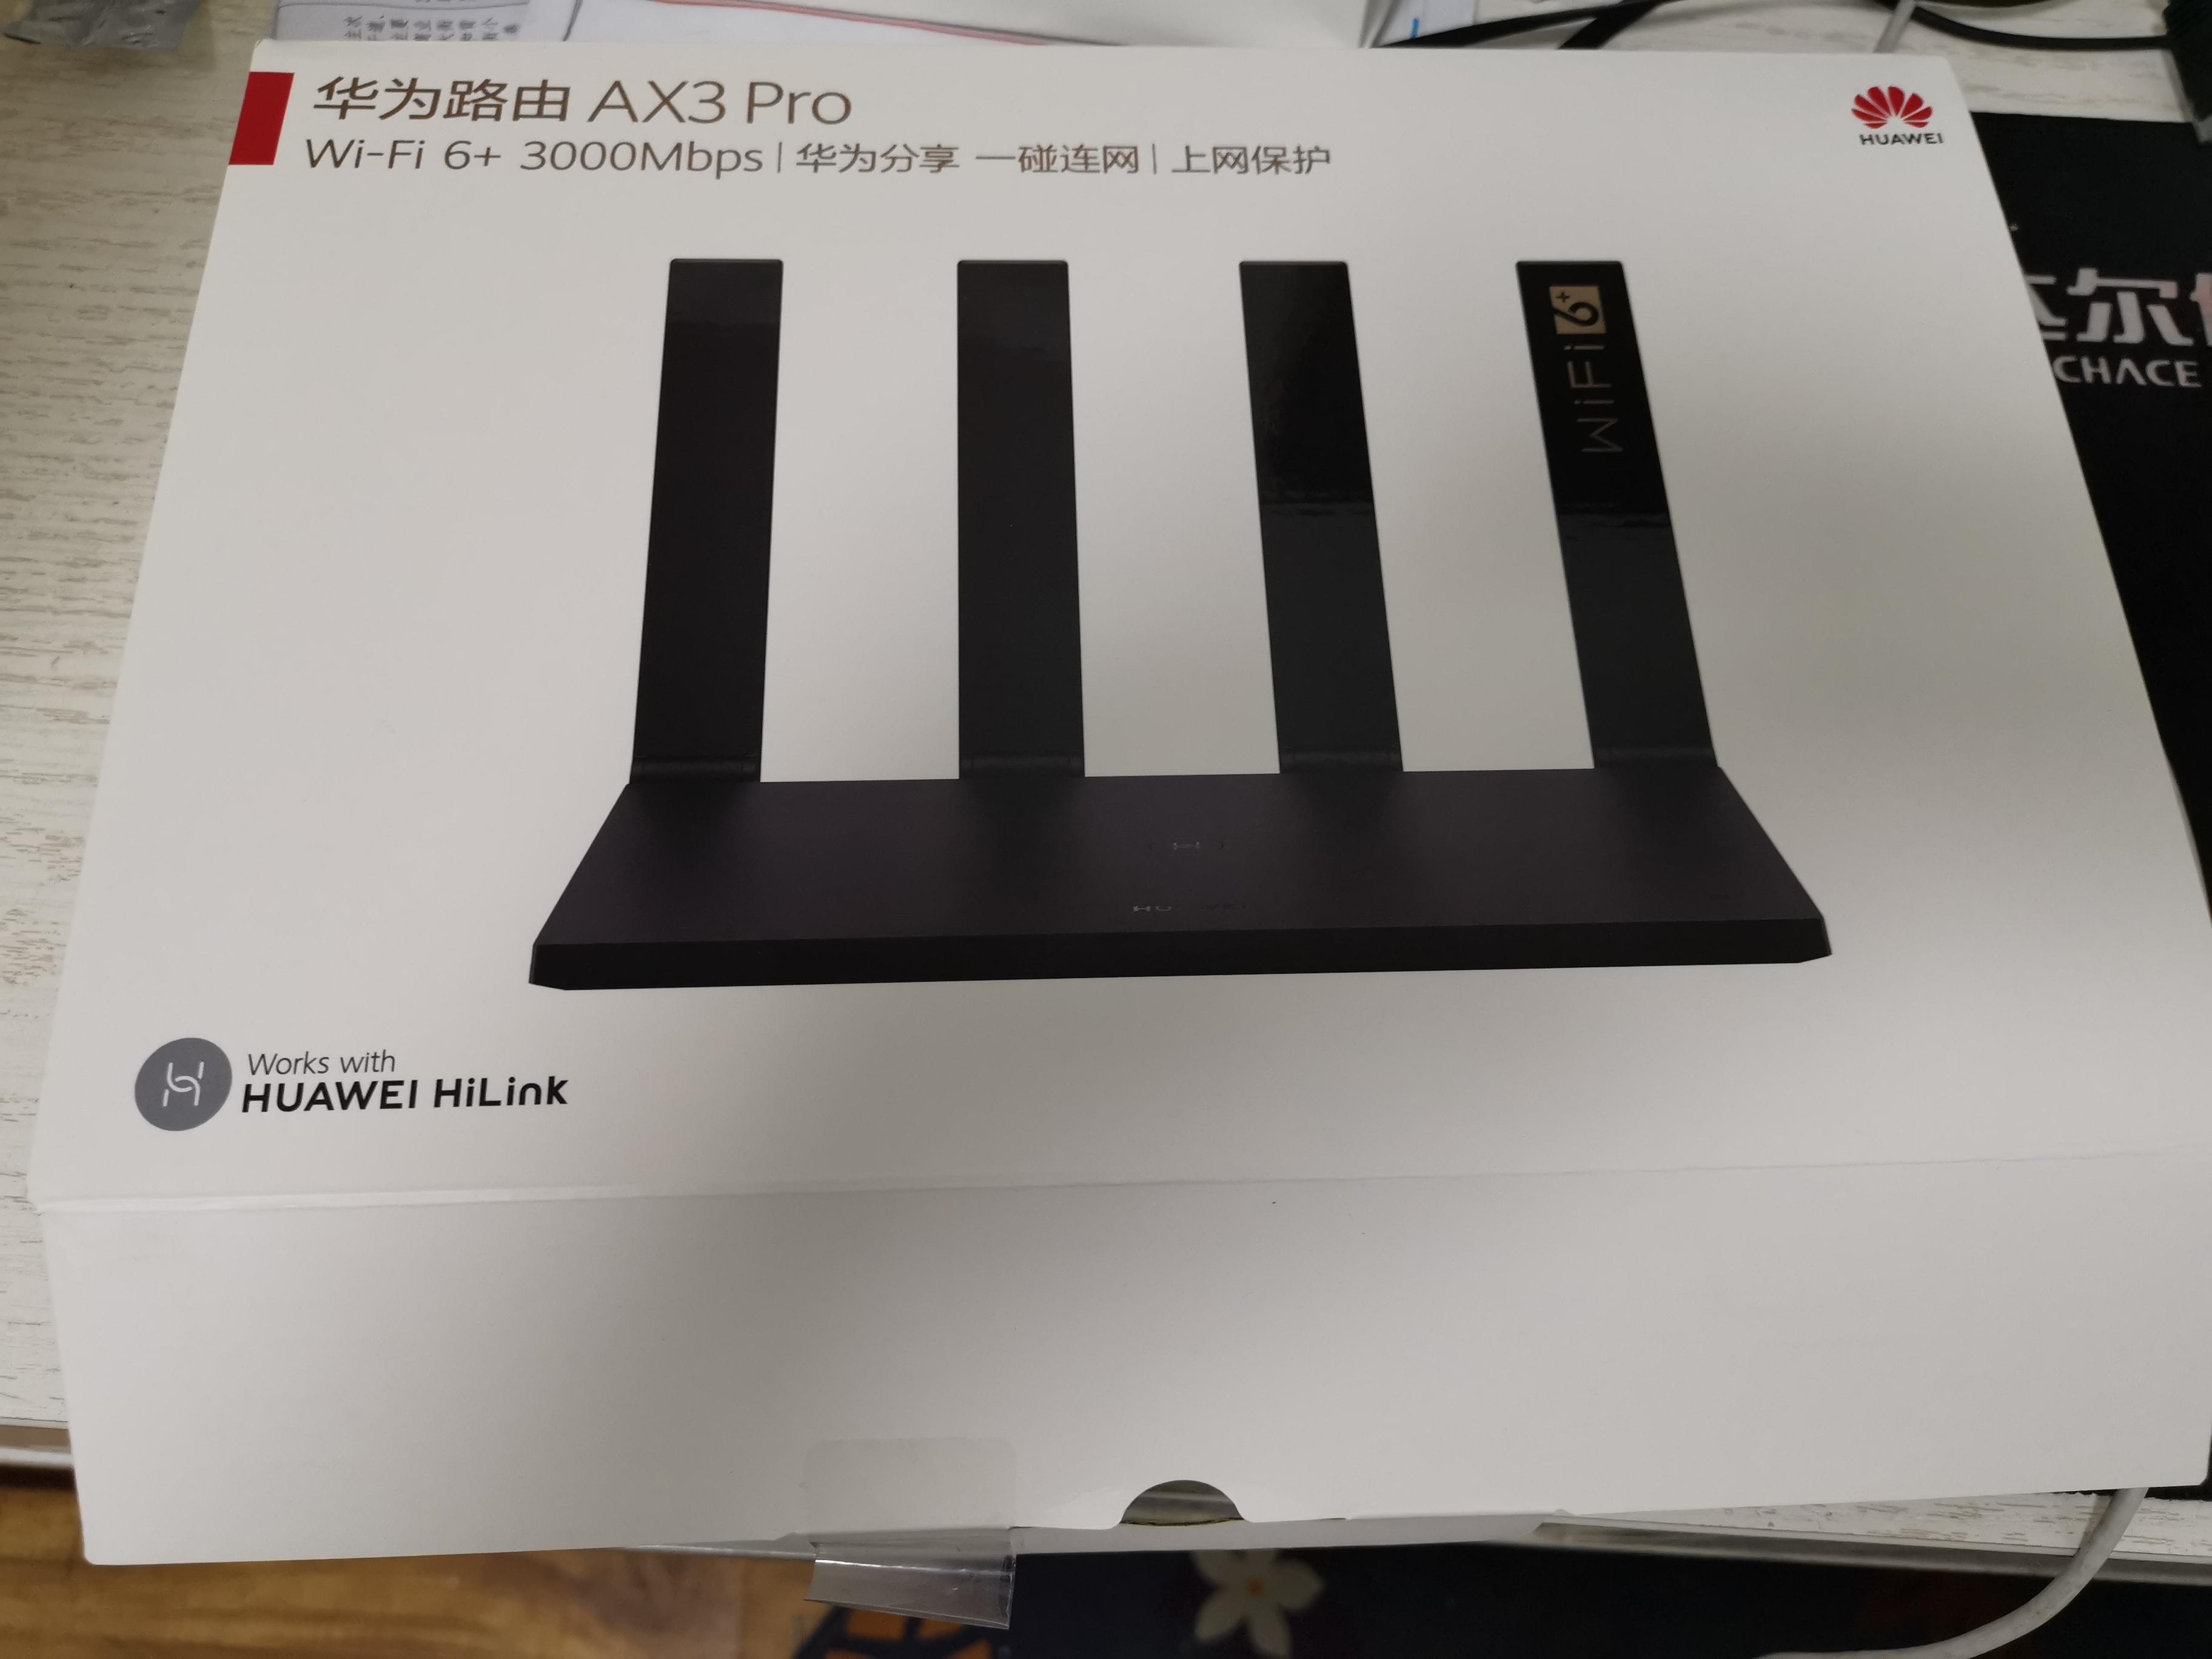 华为 AX3 Pro使用体验感受